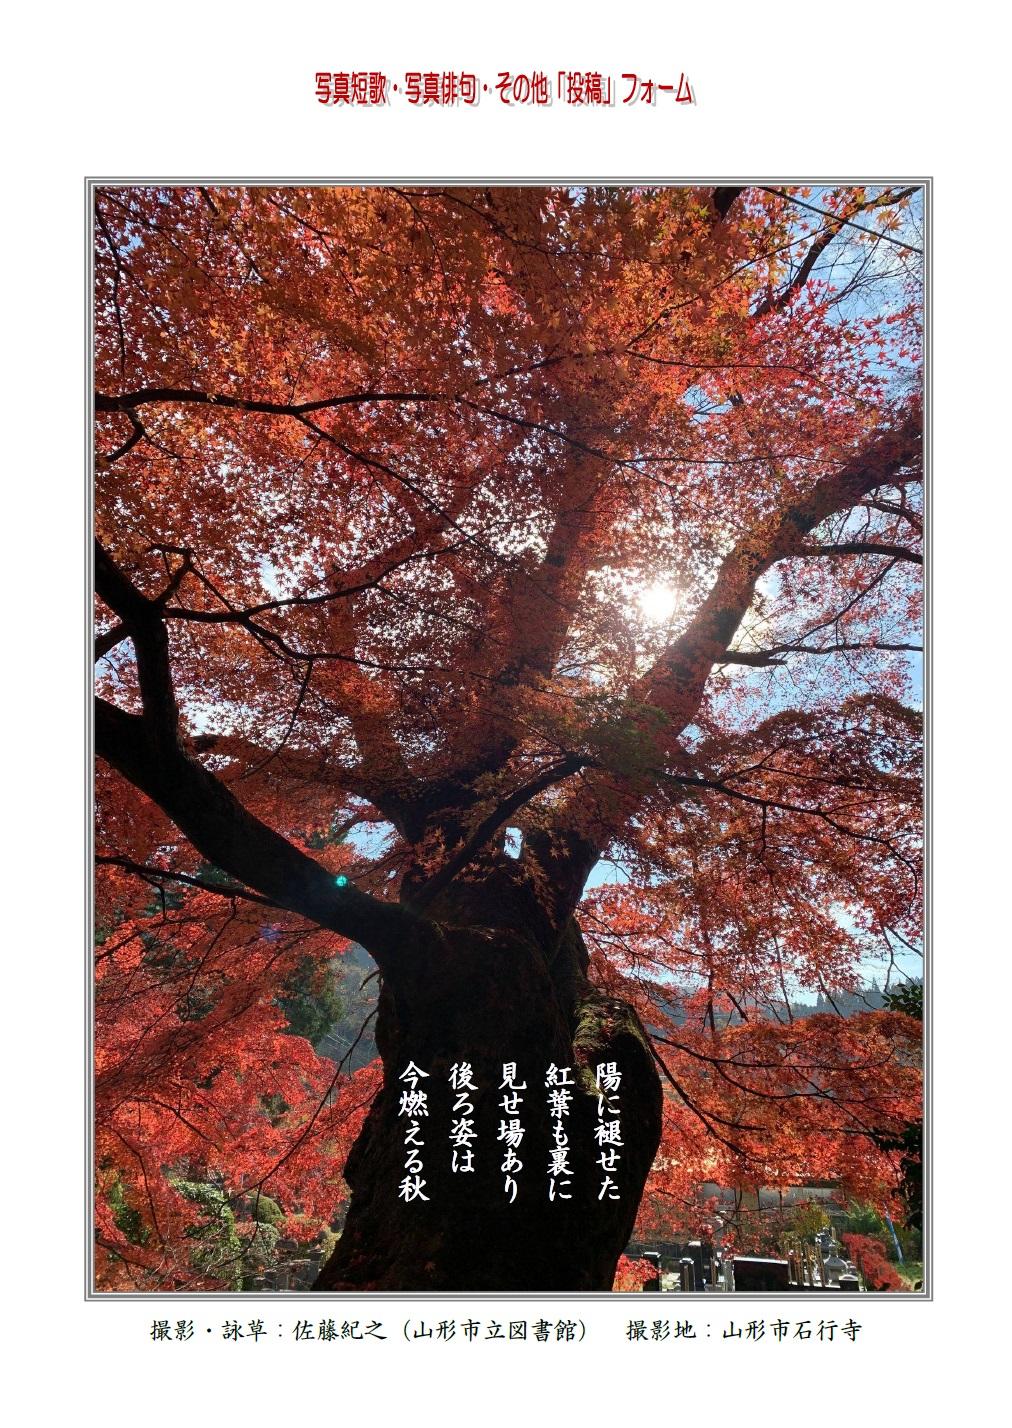 陽に褪せた紅葉も裏に見せ場あり後ろ姿は今燃える秋